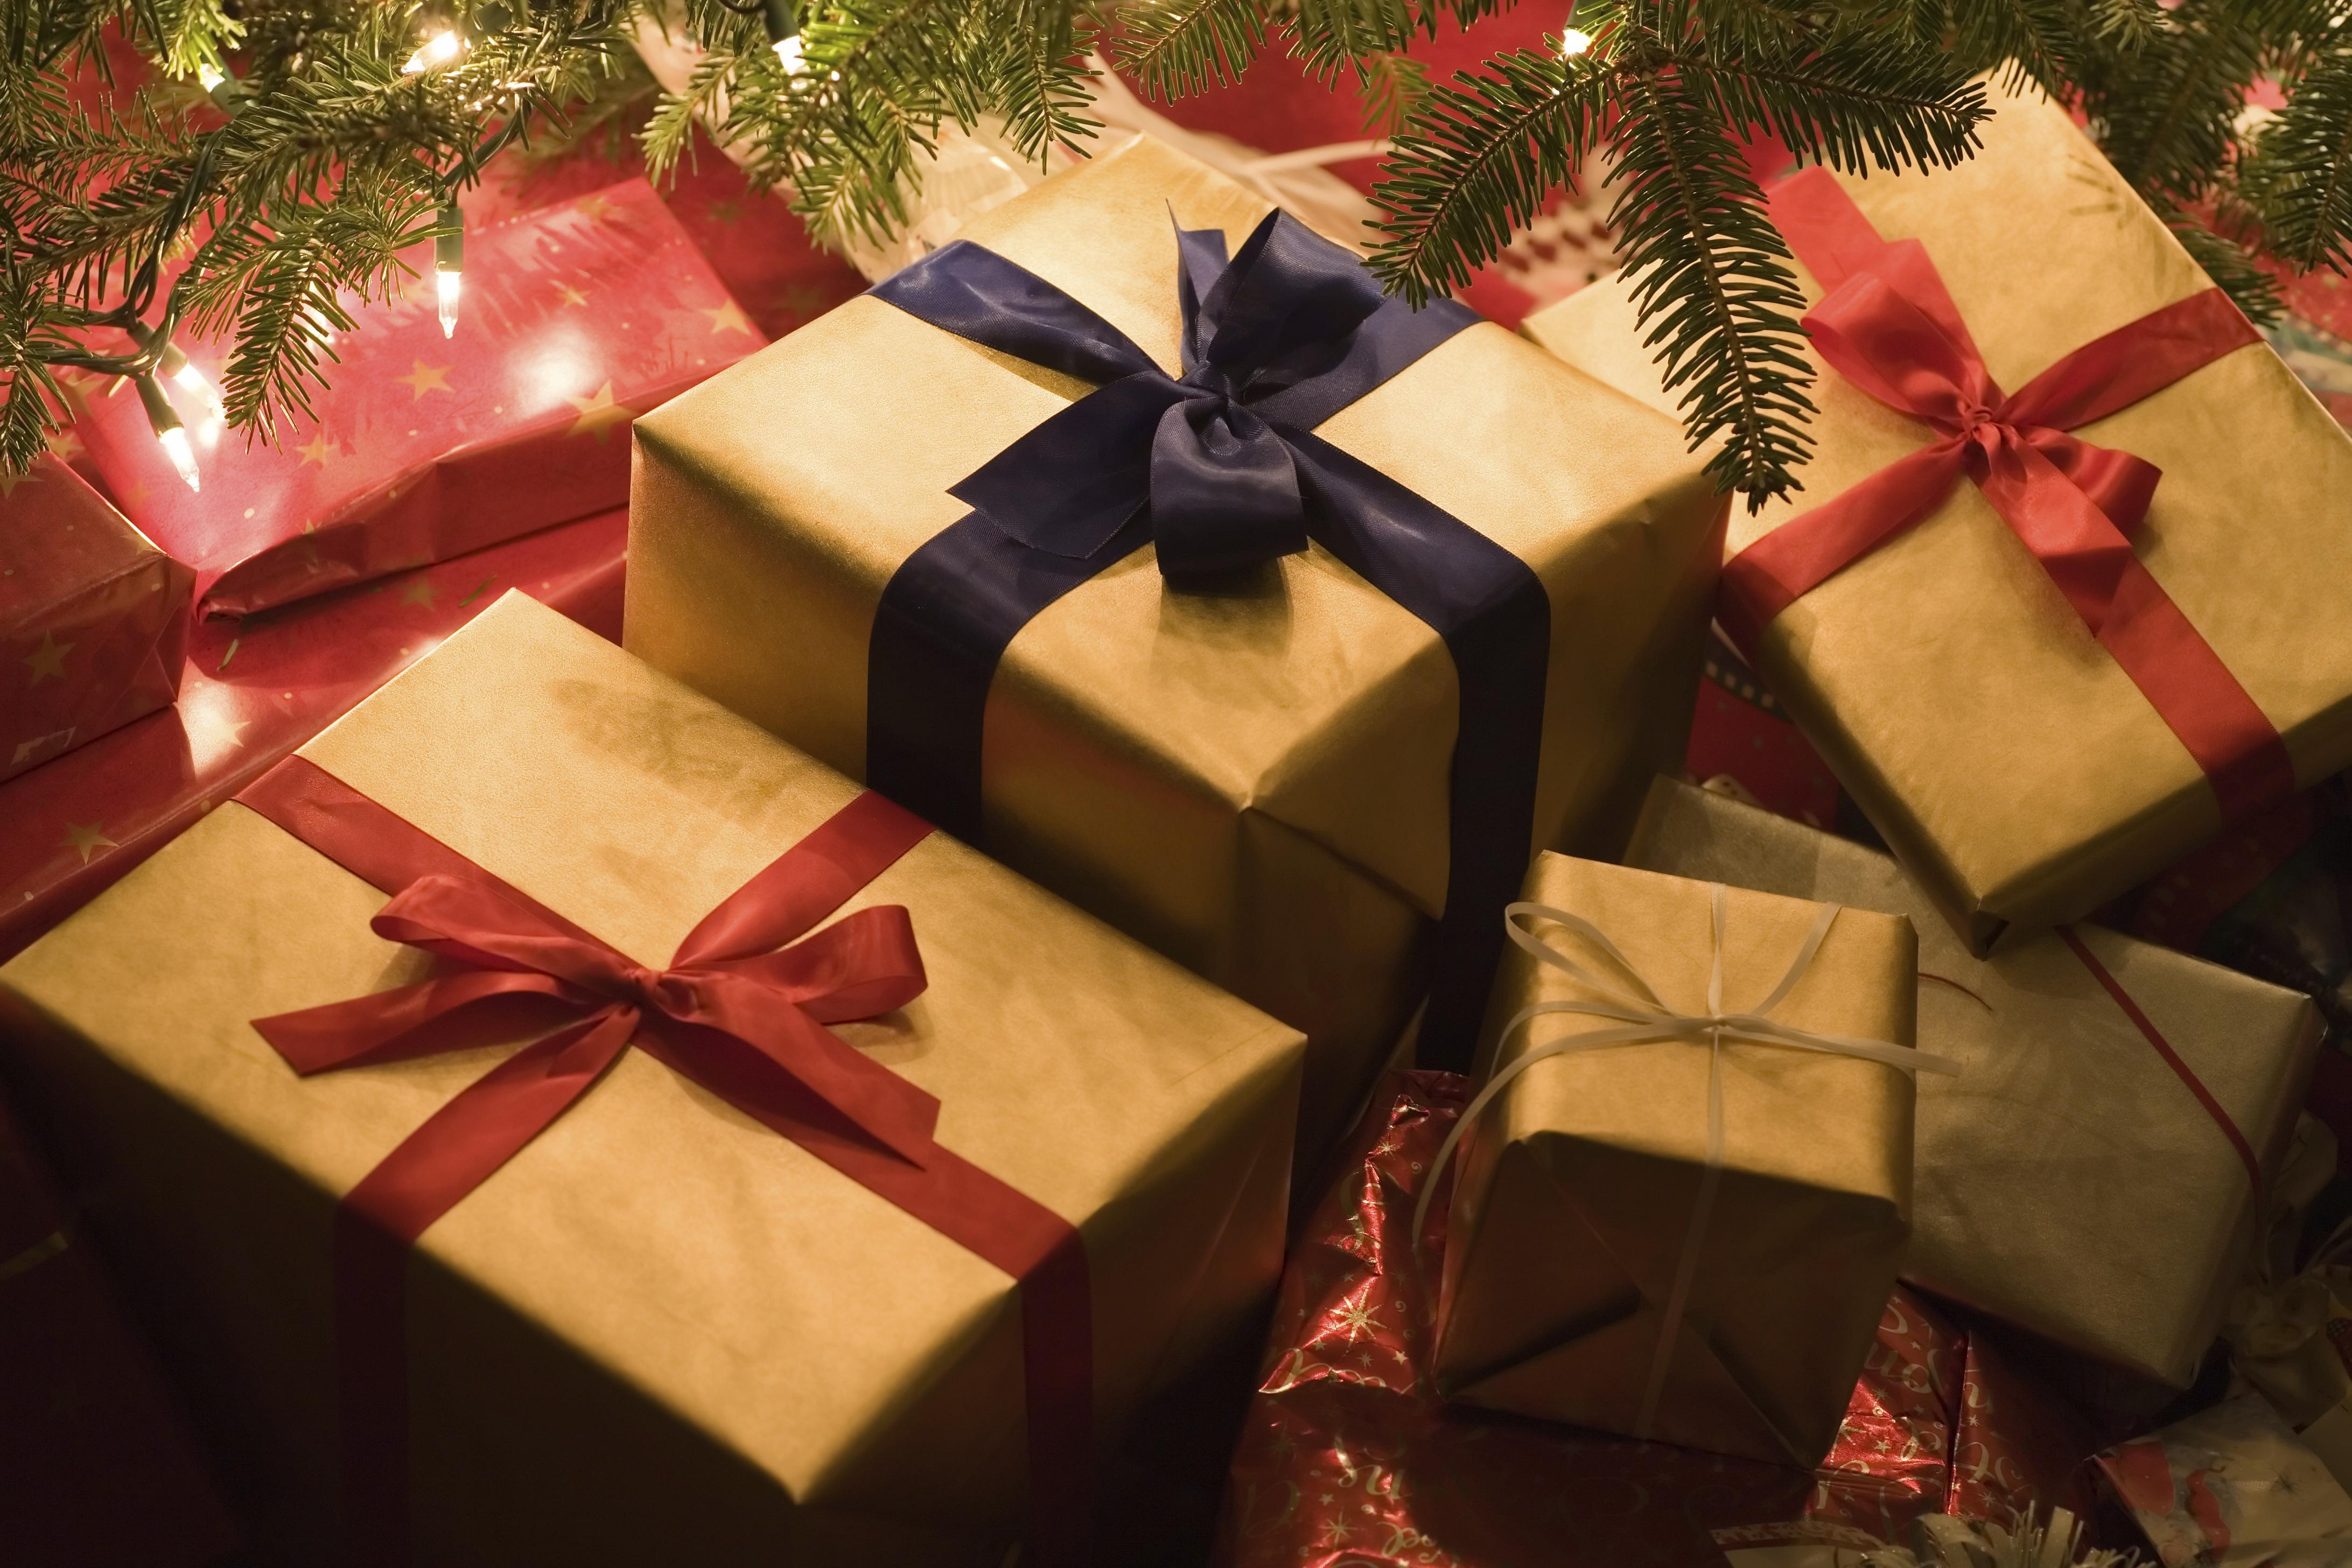 Хорошие подарки на новый год своими руками фото